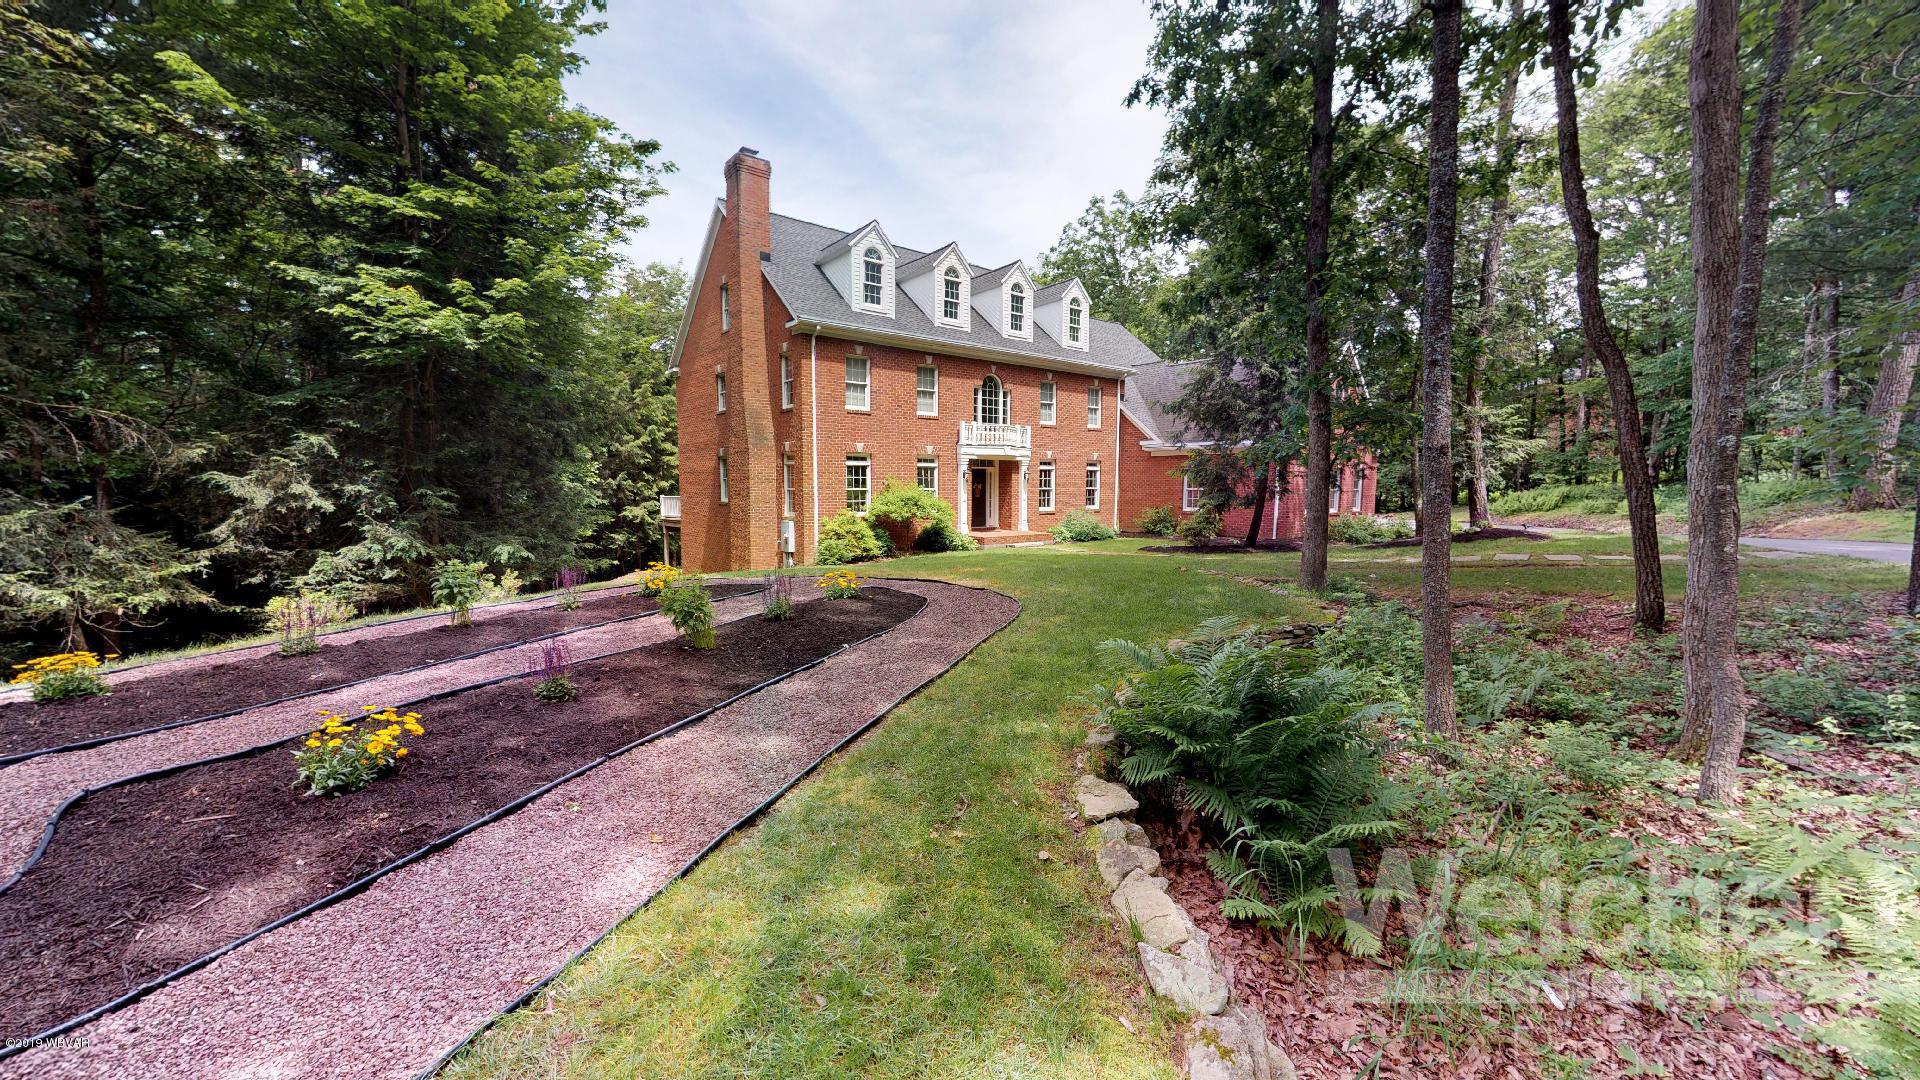 303 & 249 HERITAGE LANE,Williamsport,PA 17701,8 Bedrooms Bedrooms,6 BathroomsBathrooms,Residential,HERITAGE,WB-87604